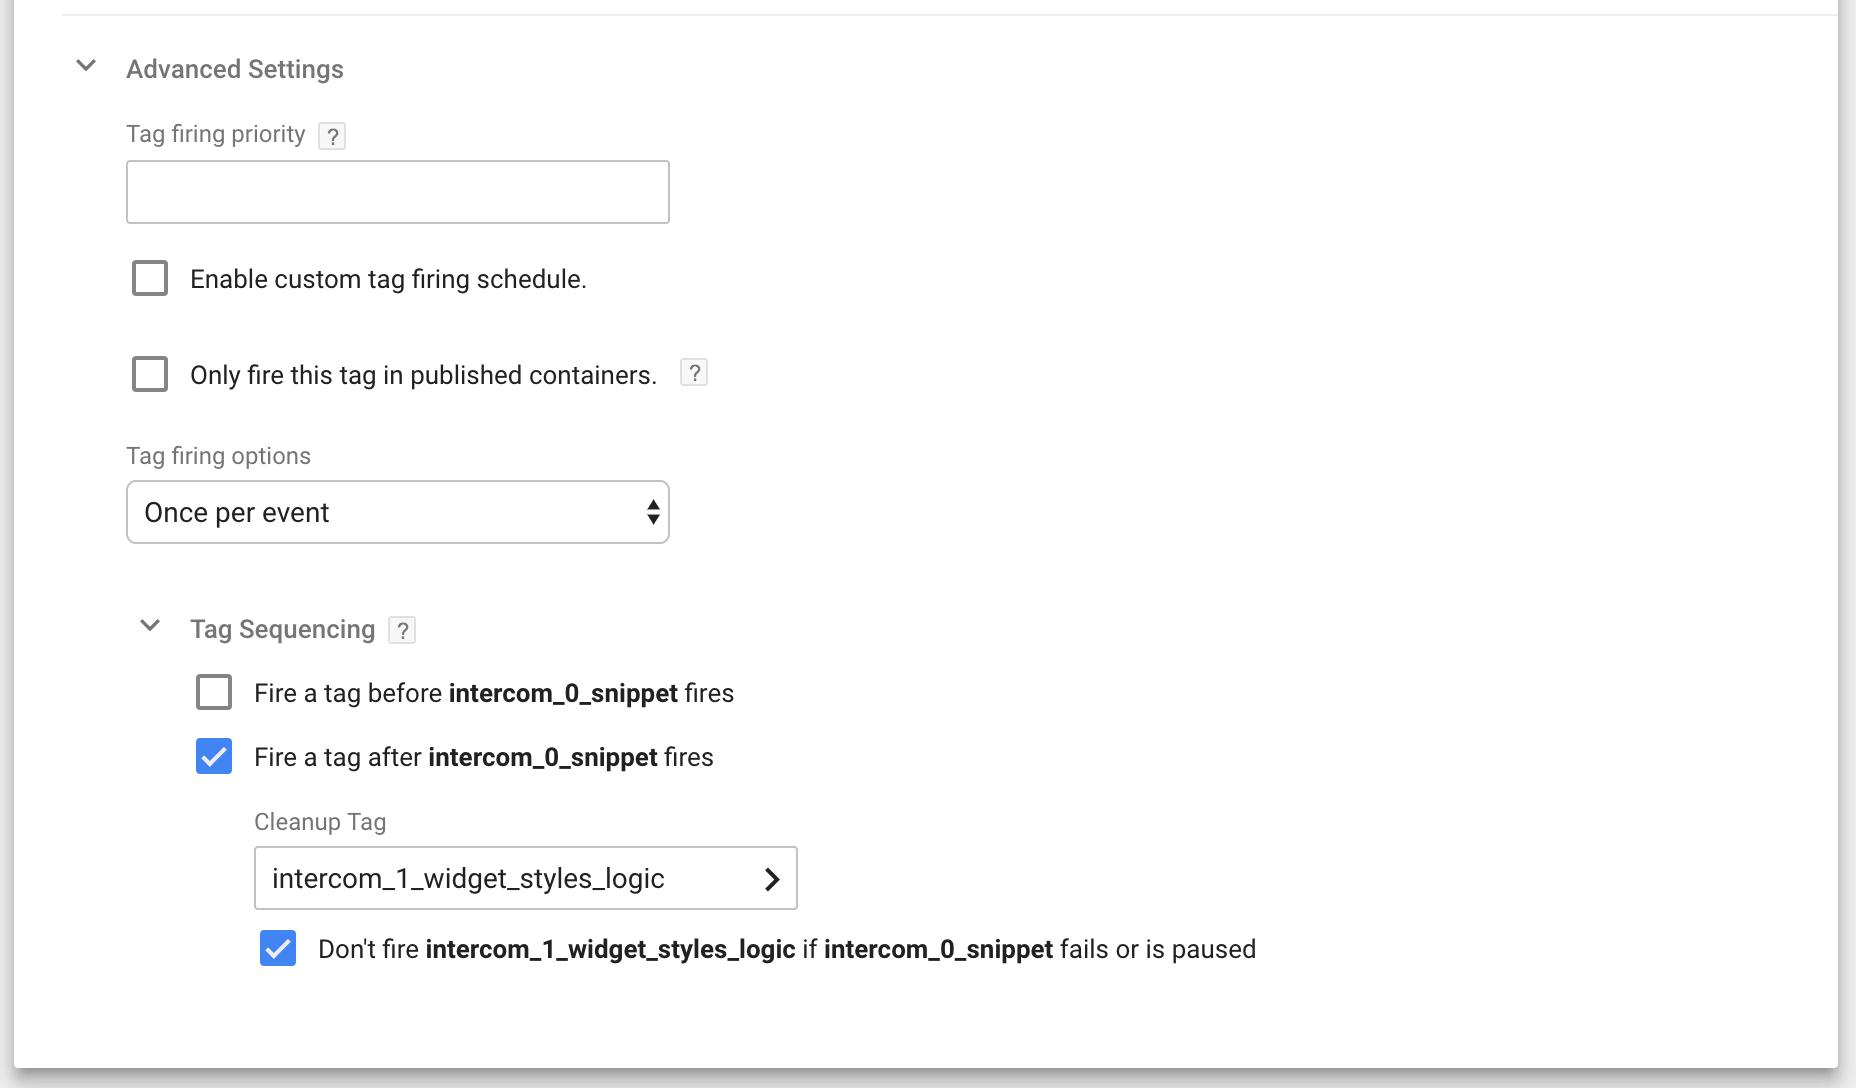 gtm_tag_advanced_settings